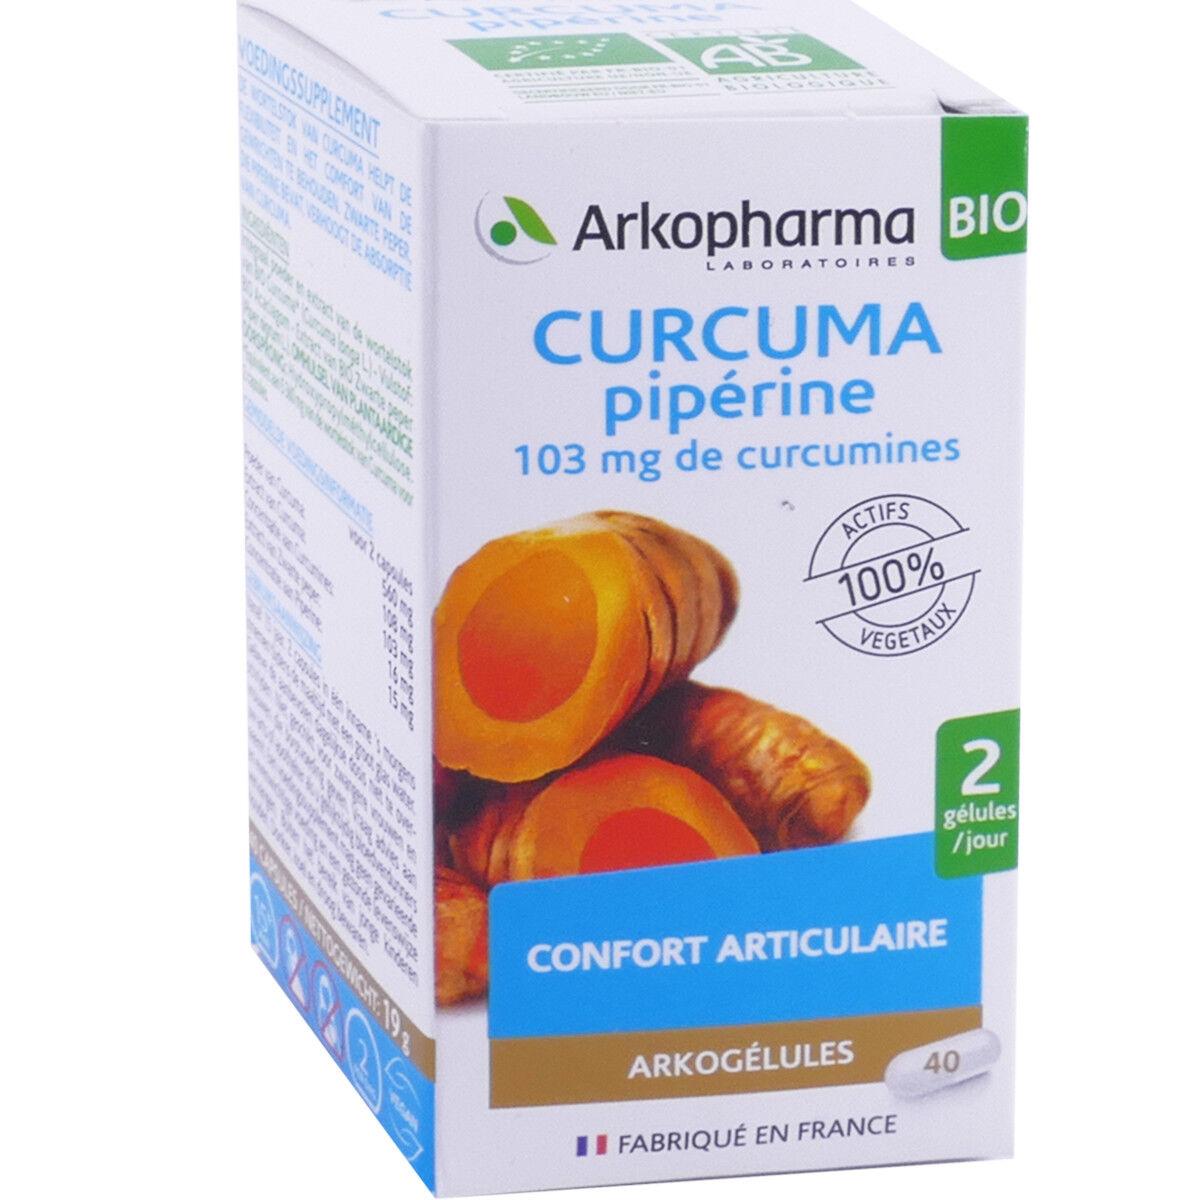 Arkopharma curcuma pipÉrine 40 arkogelules articulation